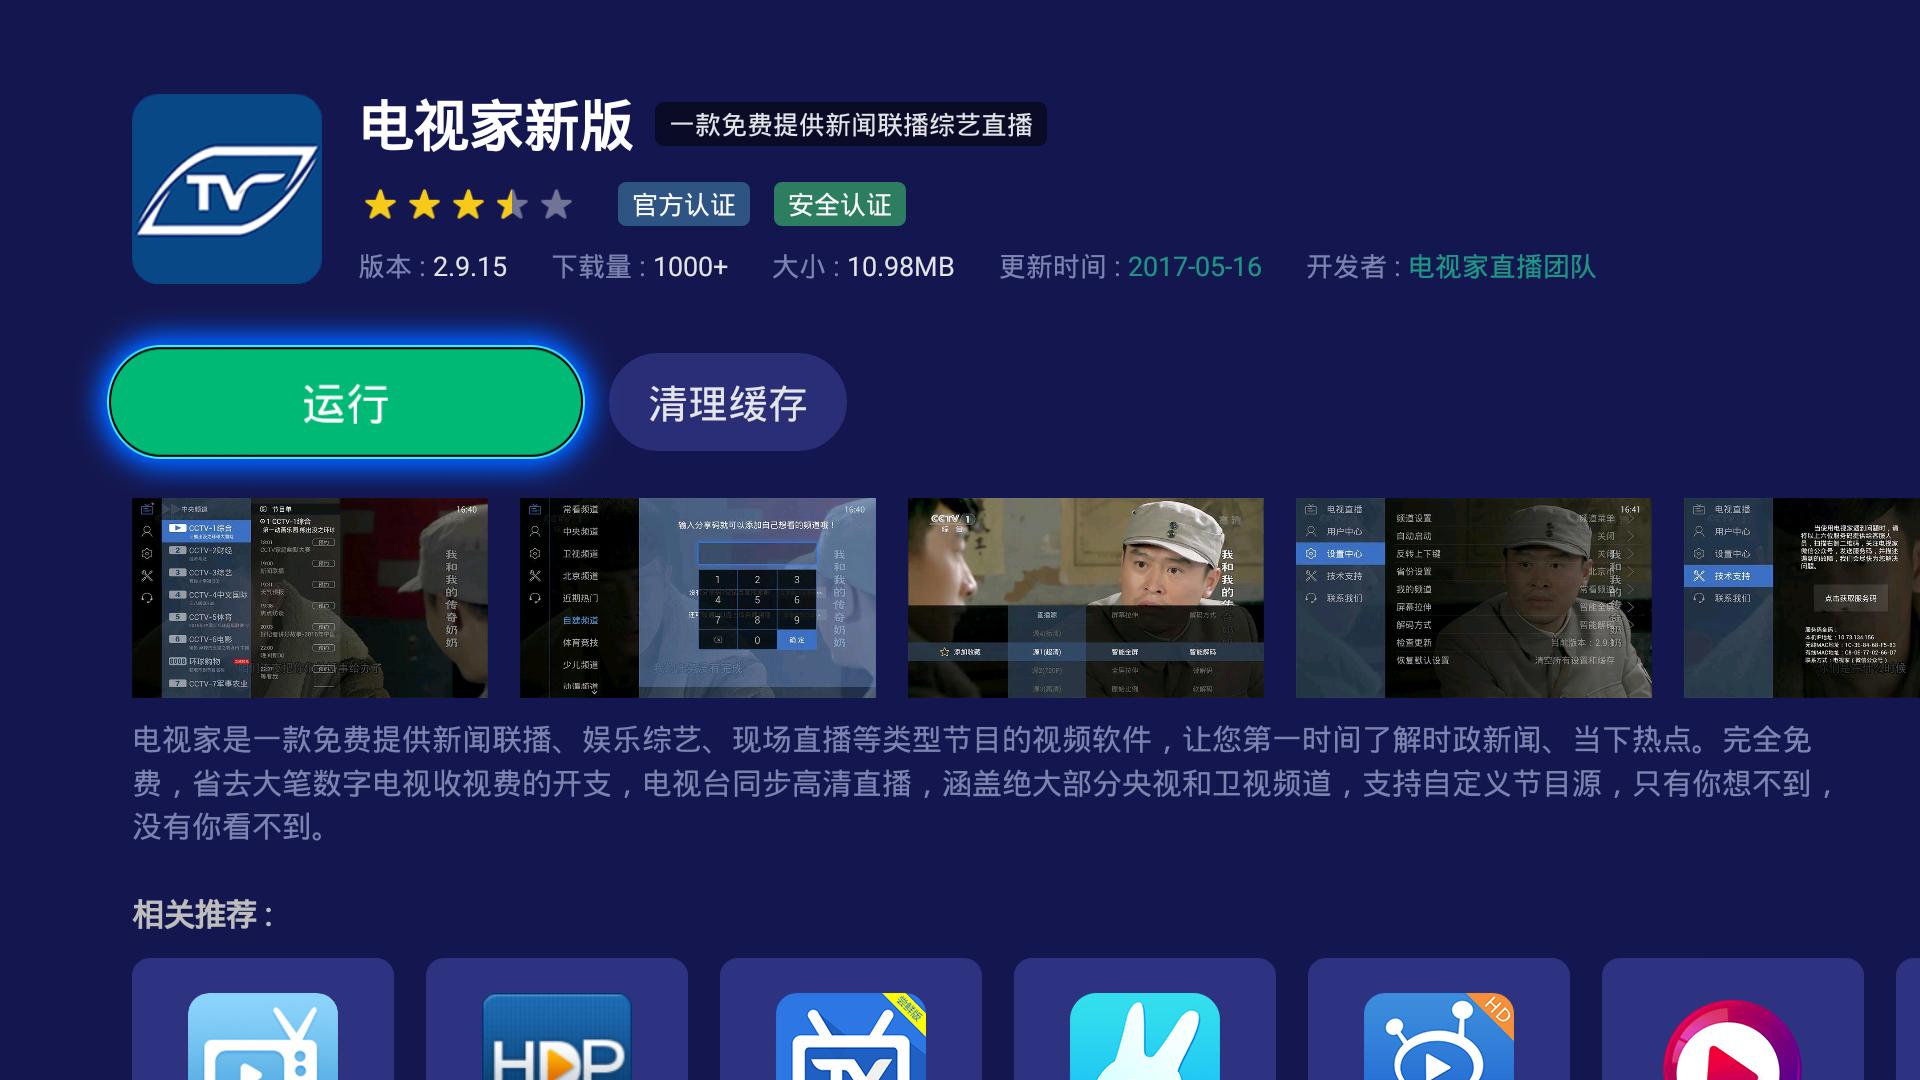 """""""電視家2.0""""的图片搜索结果"""